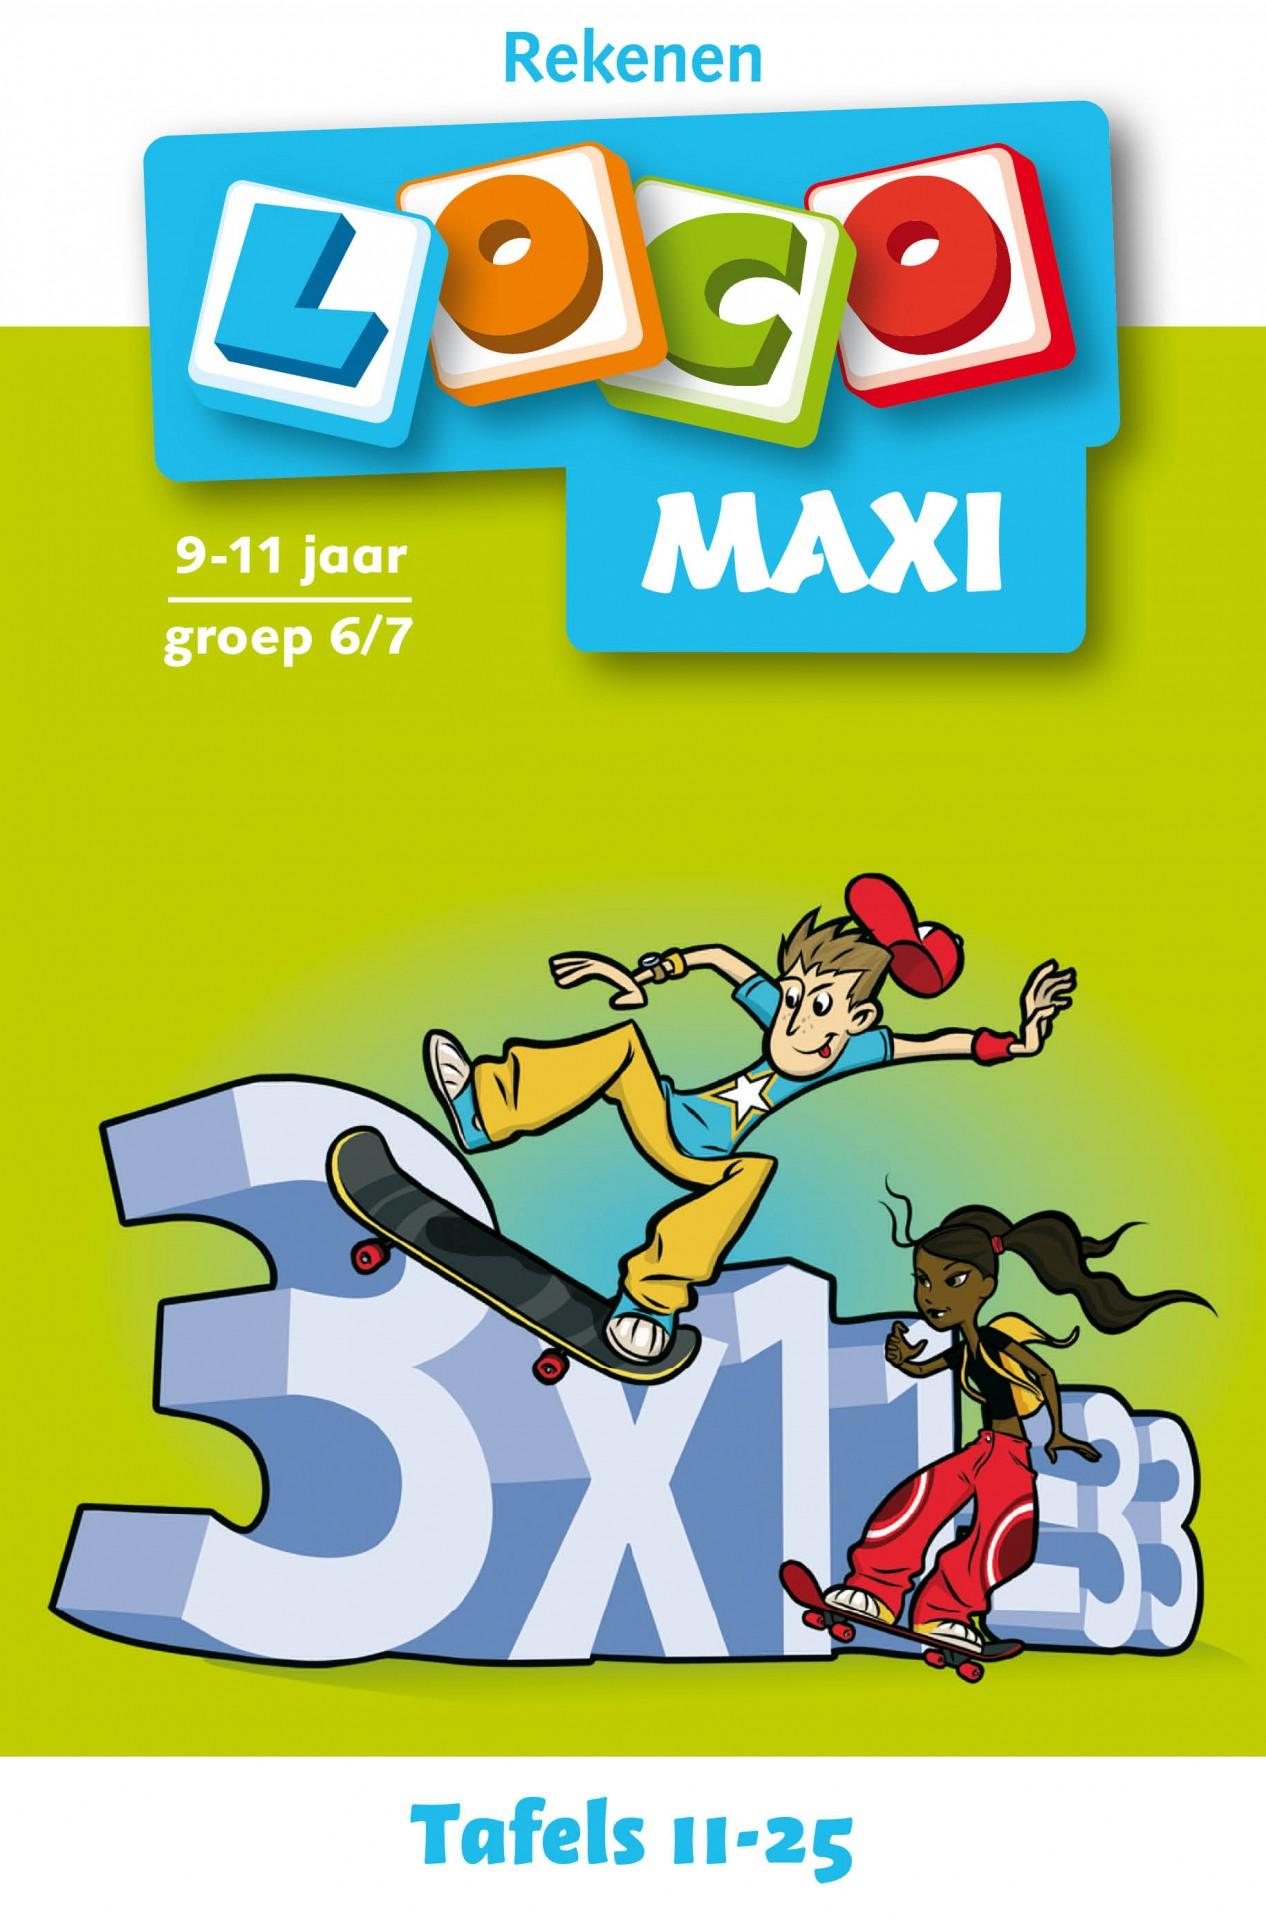 Maxi loco tafels 11 25